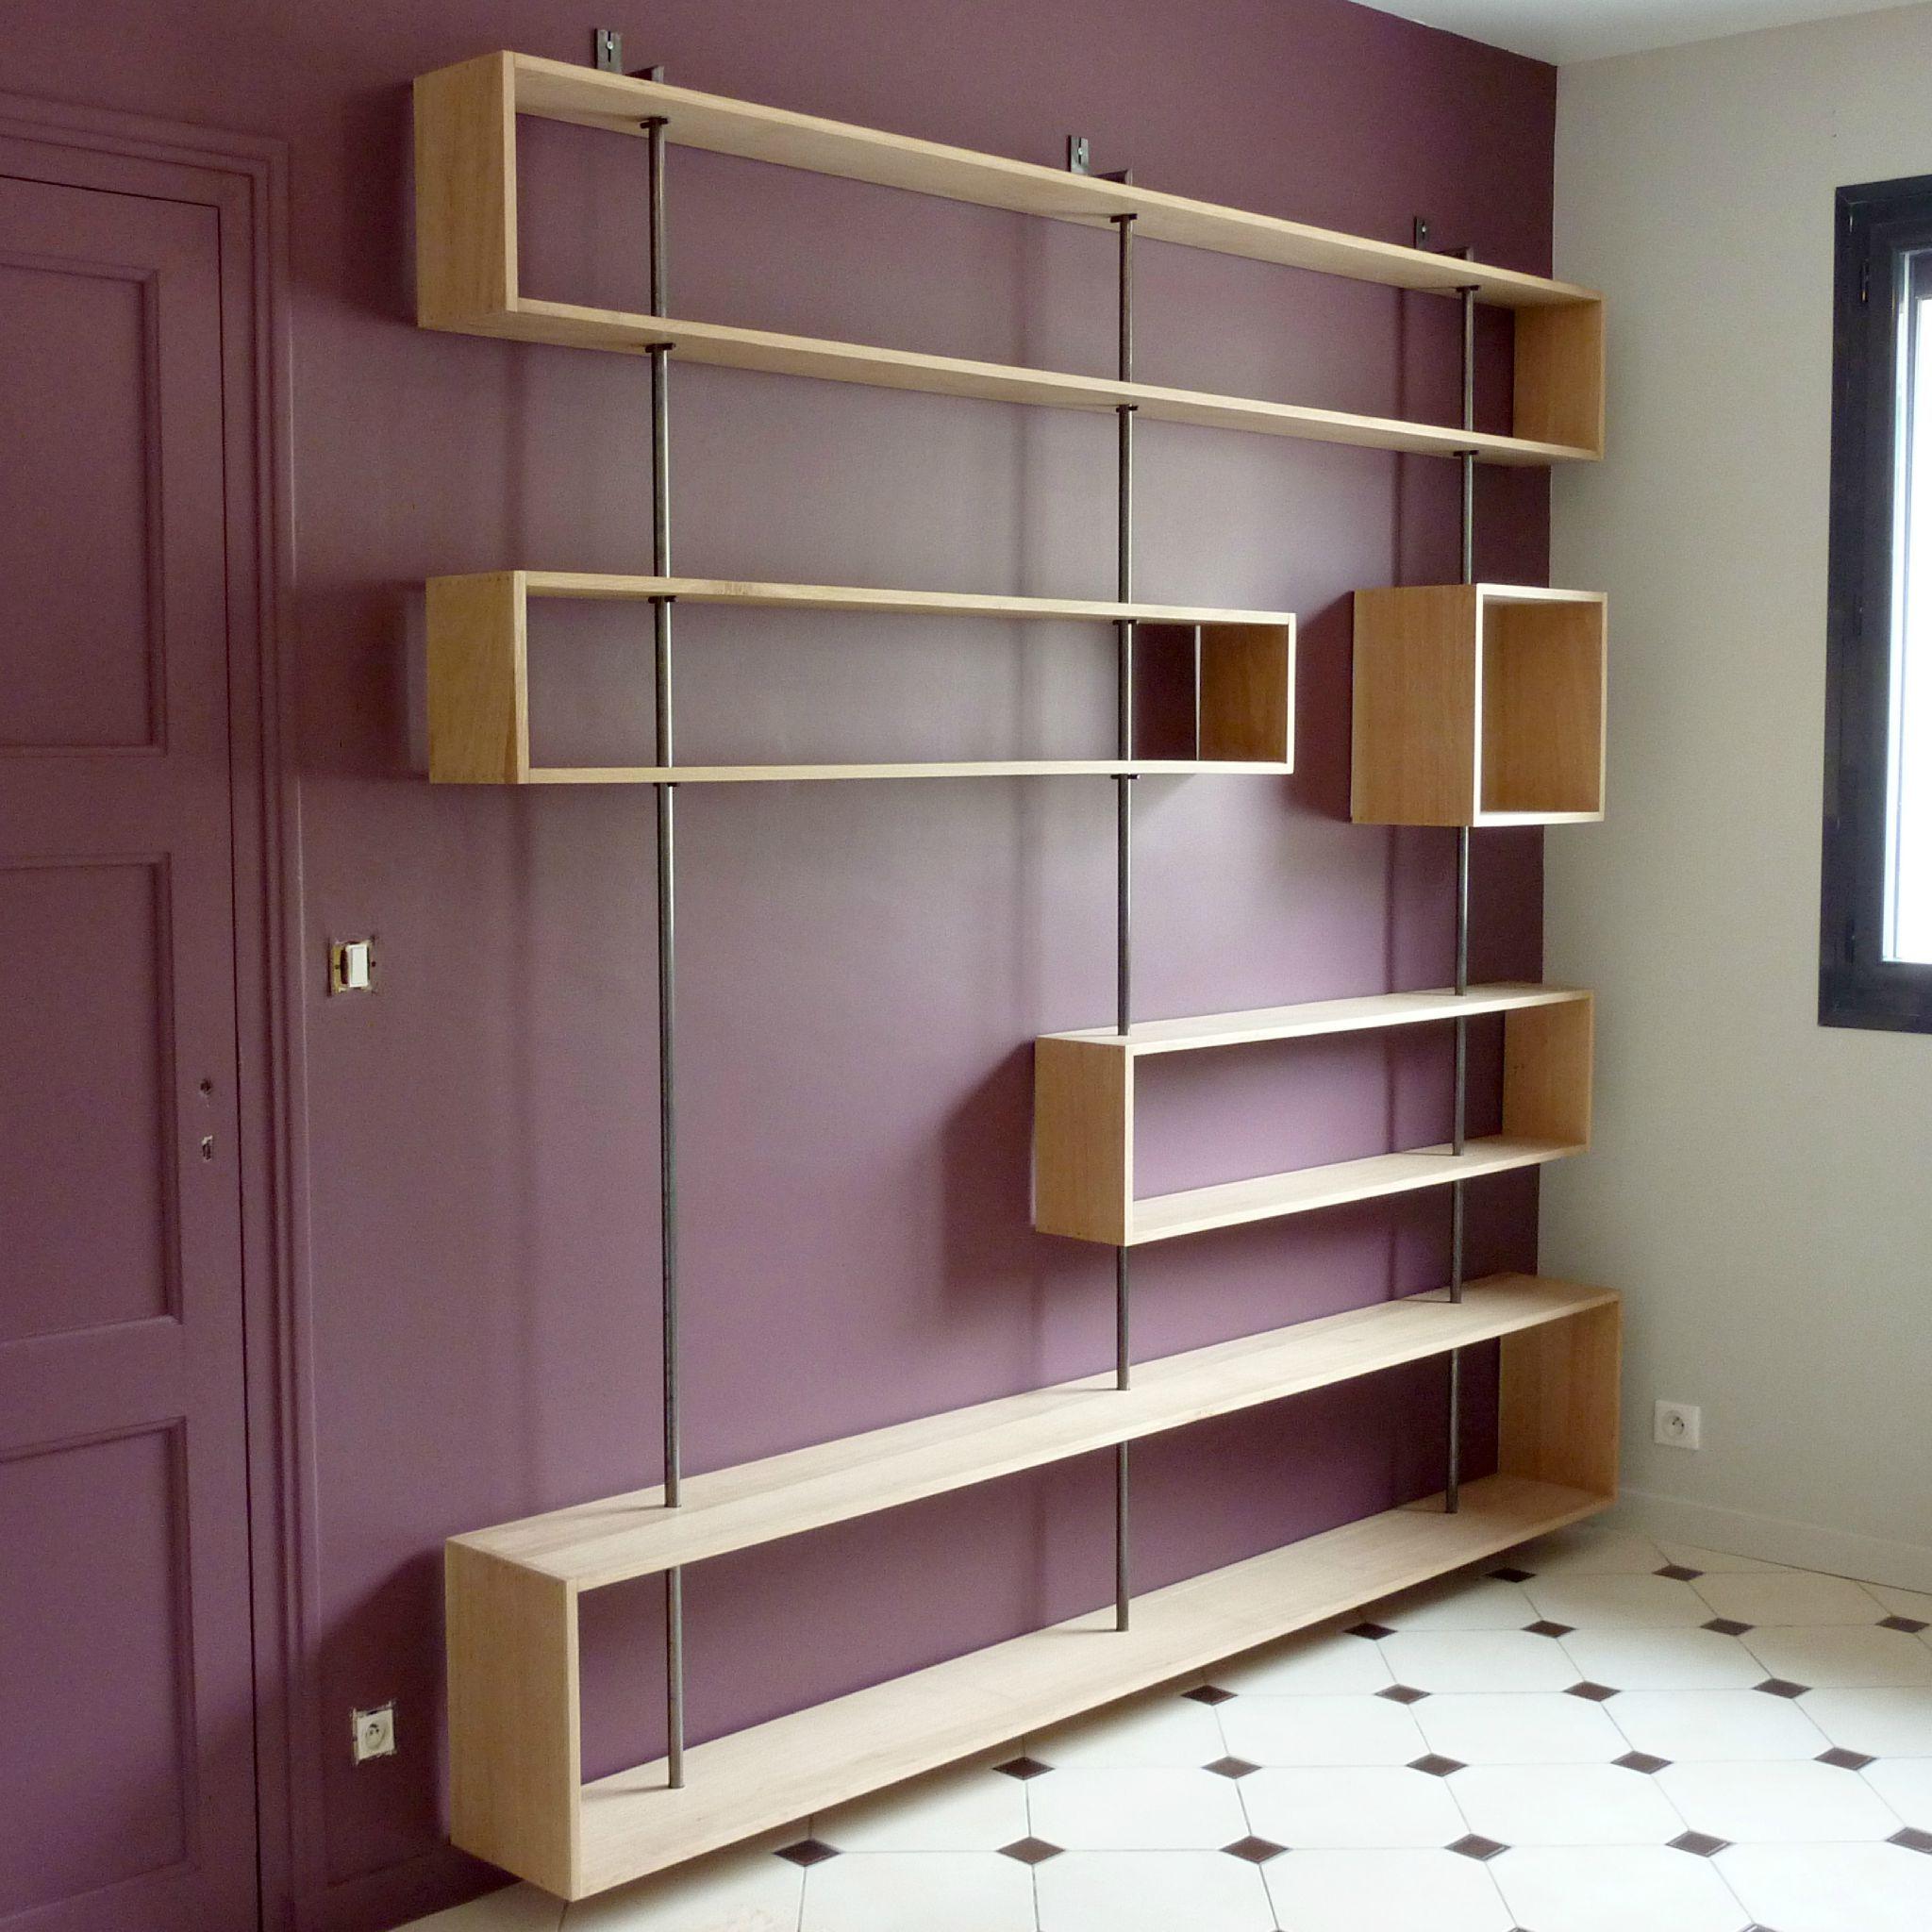 Nouvelle Bibliotheque Un Week End A La Maison Decor De Chambre Rustique Idees De Decor Idees Etageres